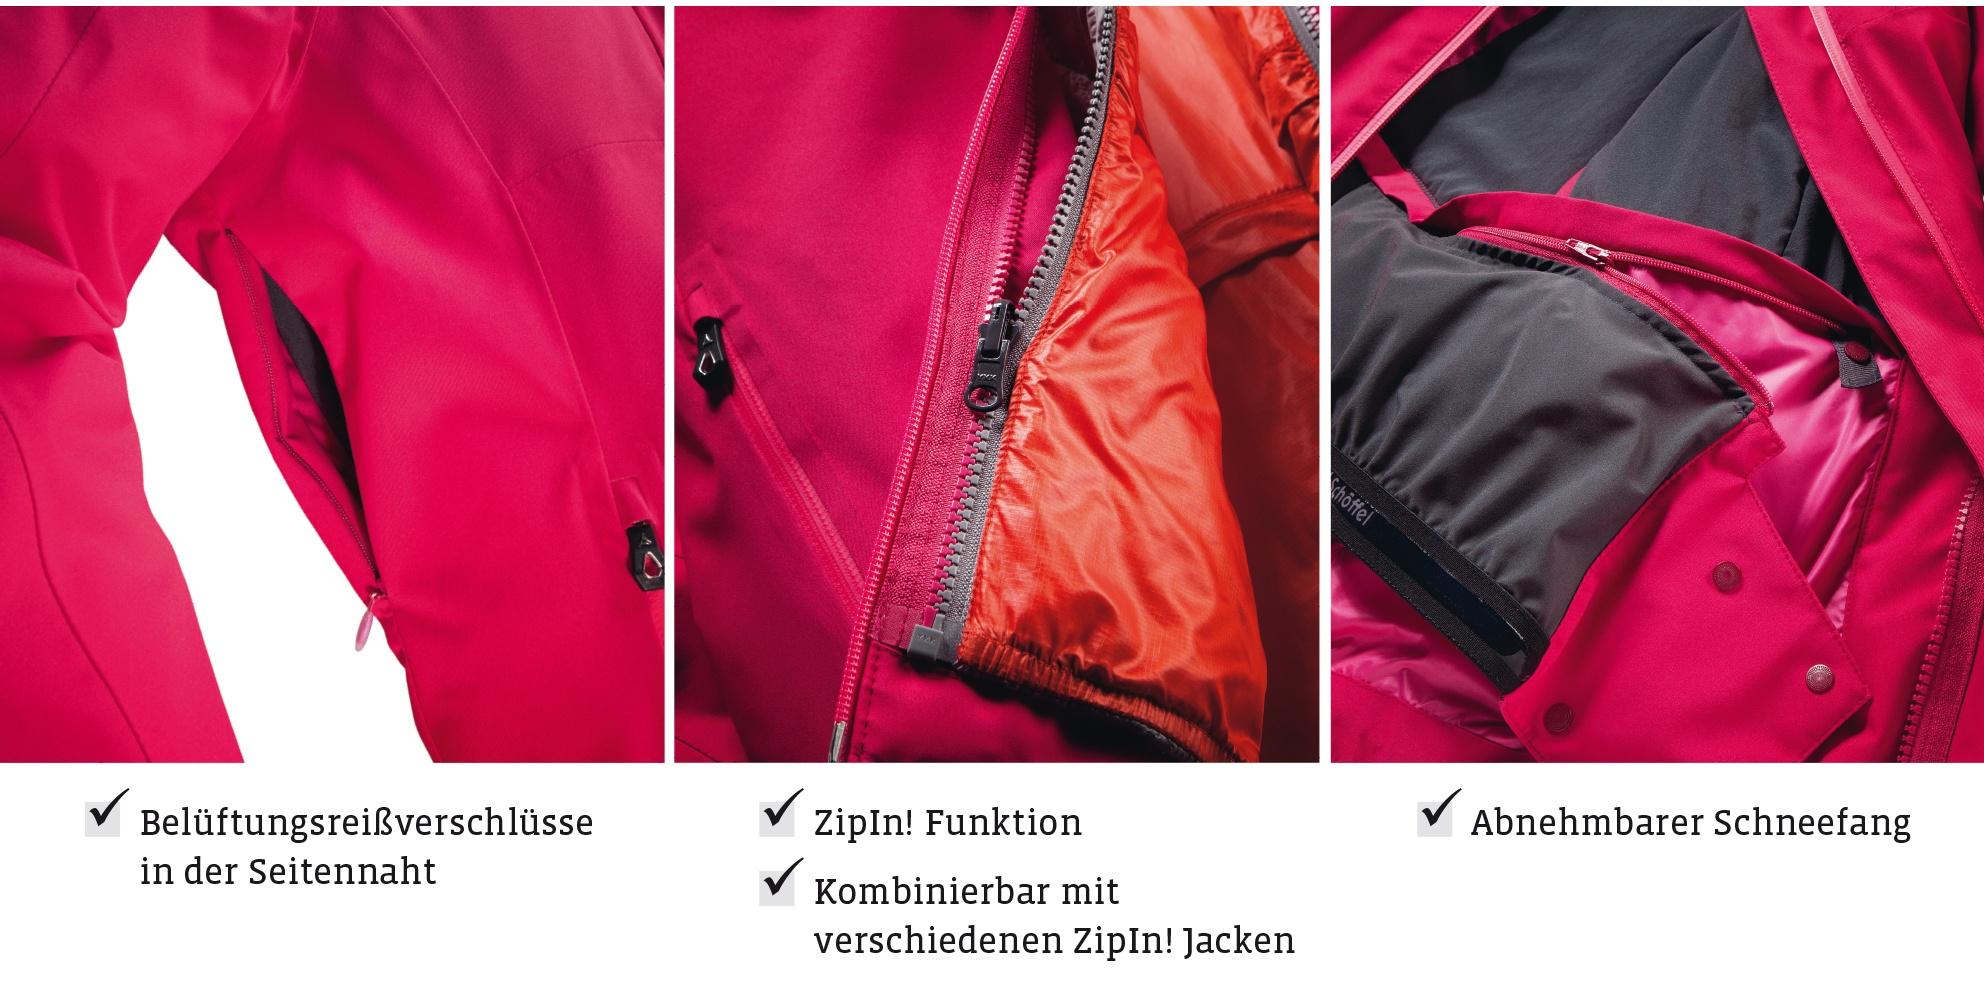 finde deine perfekte SKI-JACKE mit schöffel zip in!